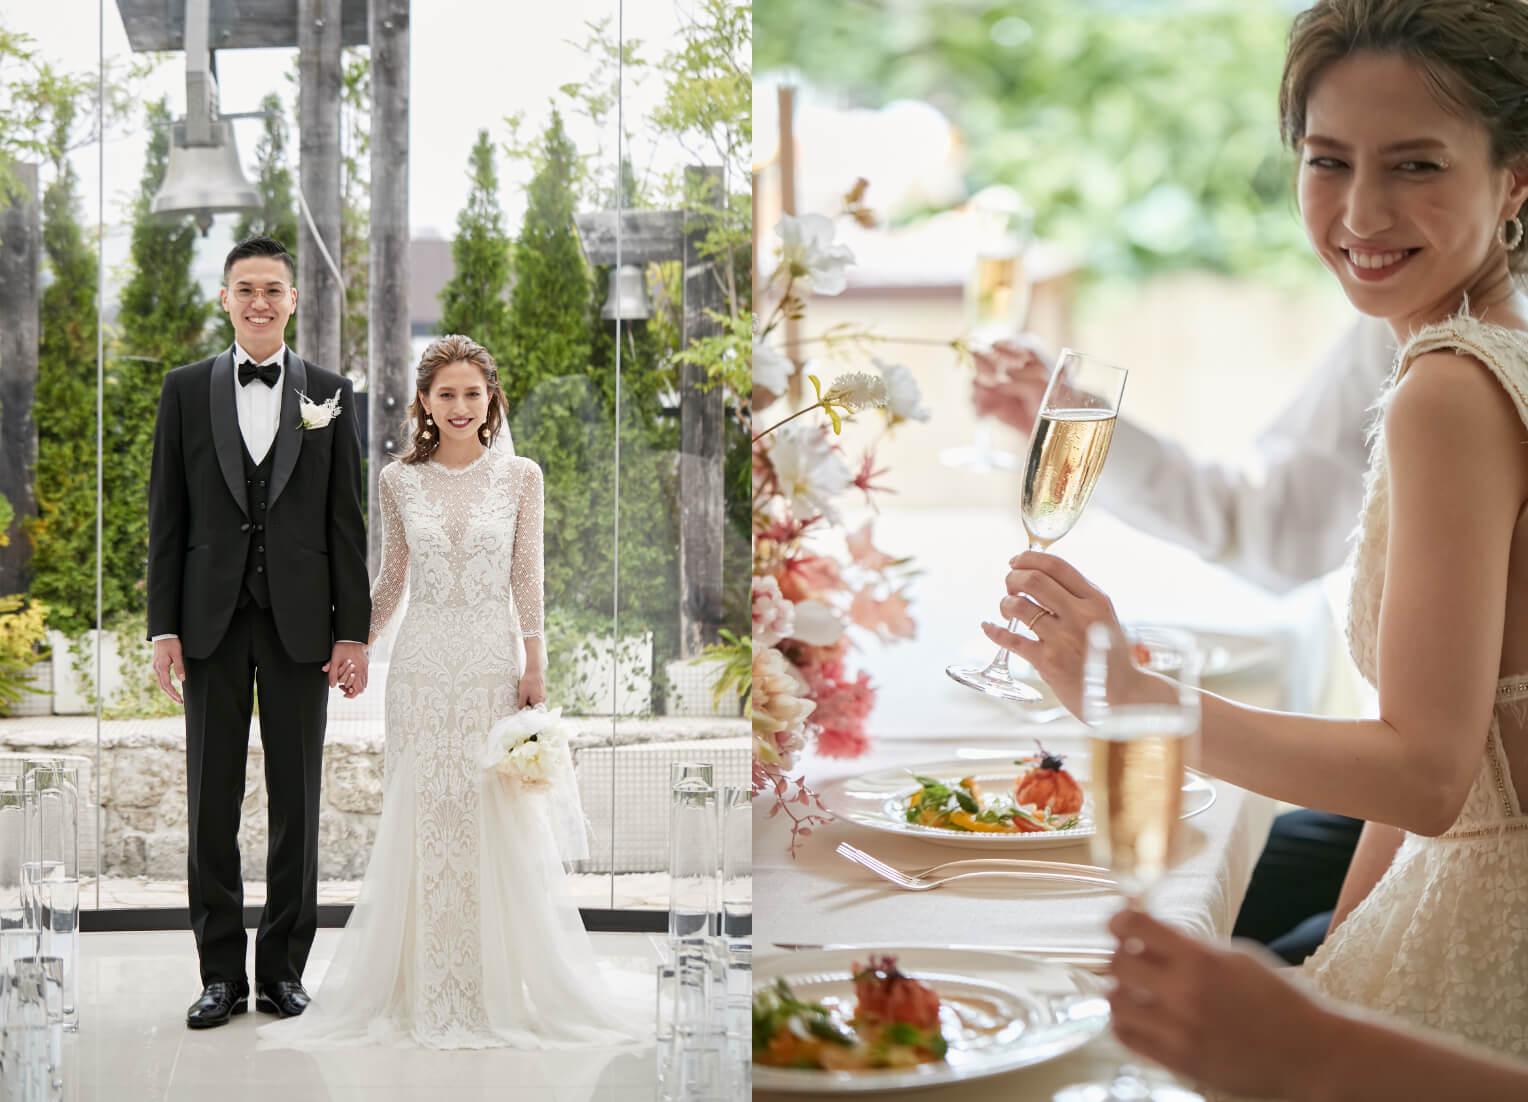 Ceremony & Party